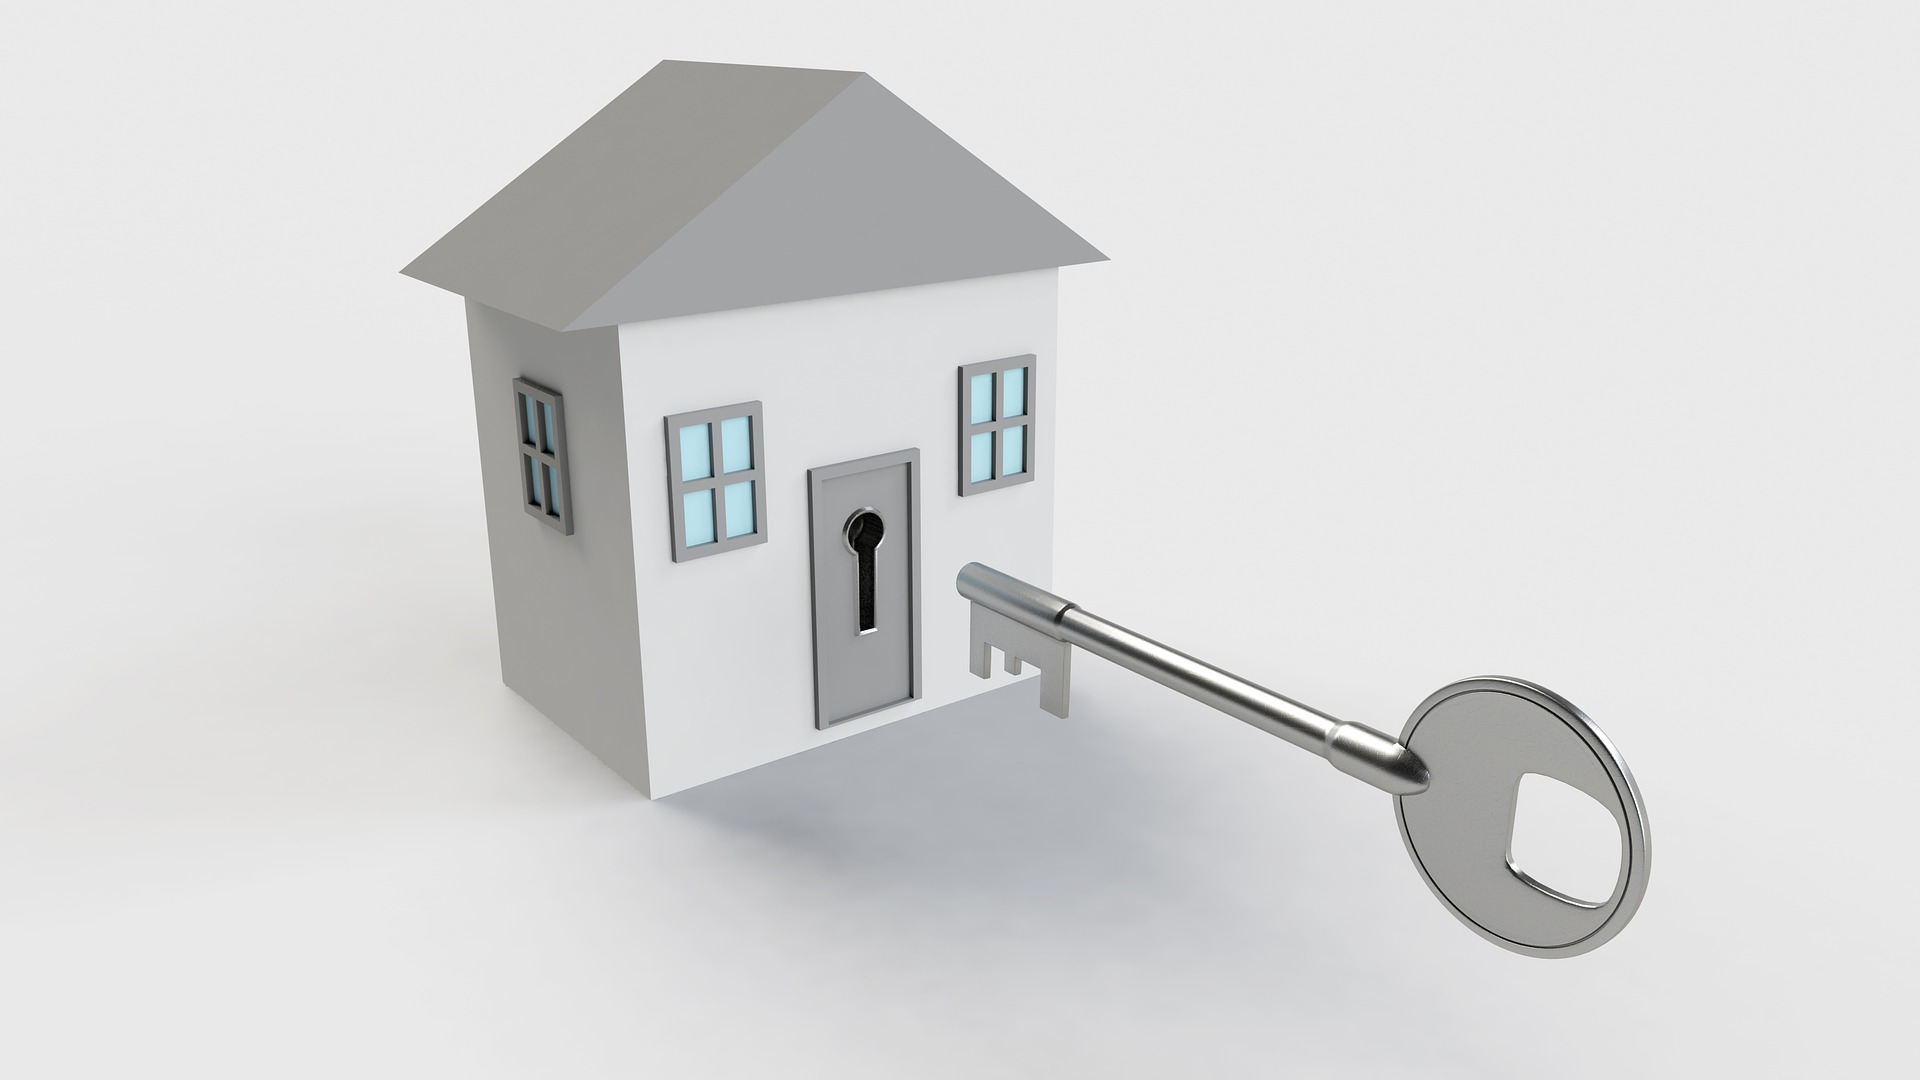 Direito Imobiliário – Locação de imóveis por plataformas digitais